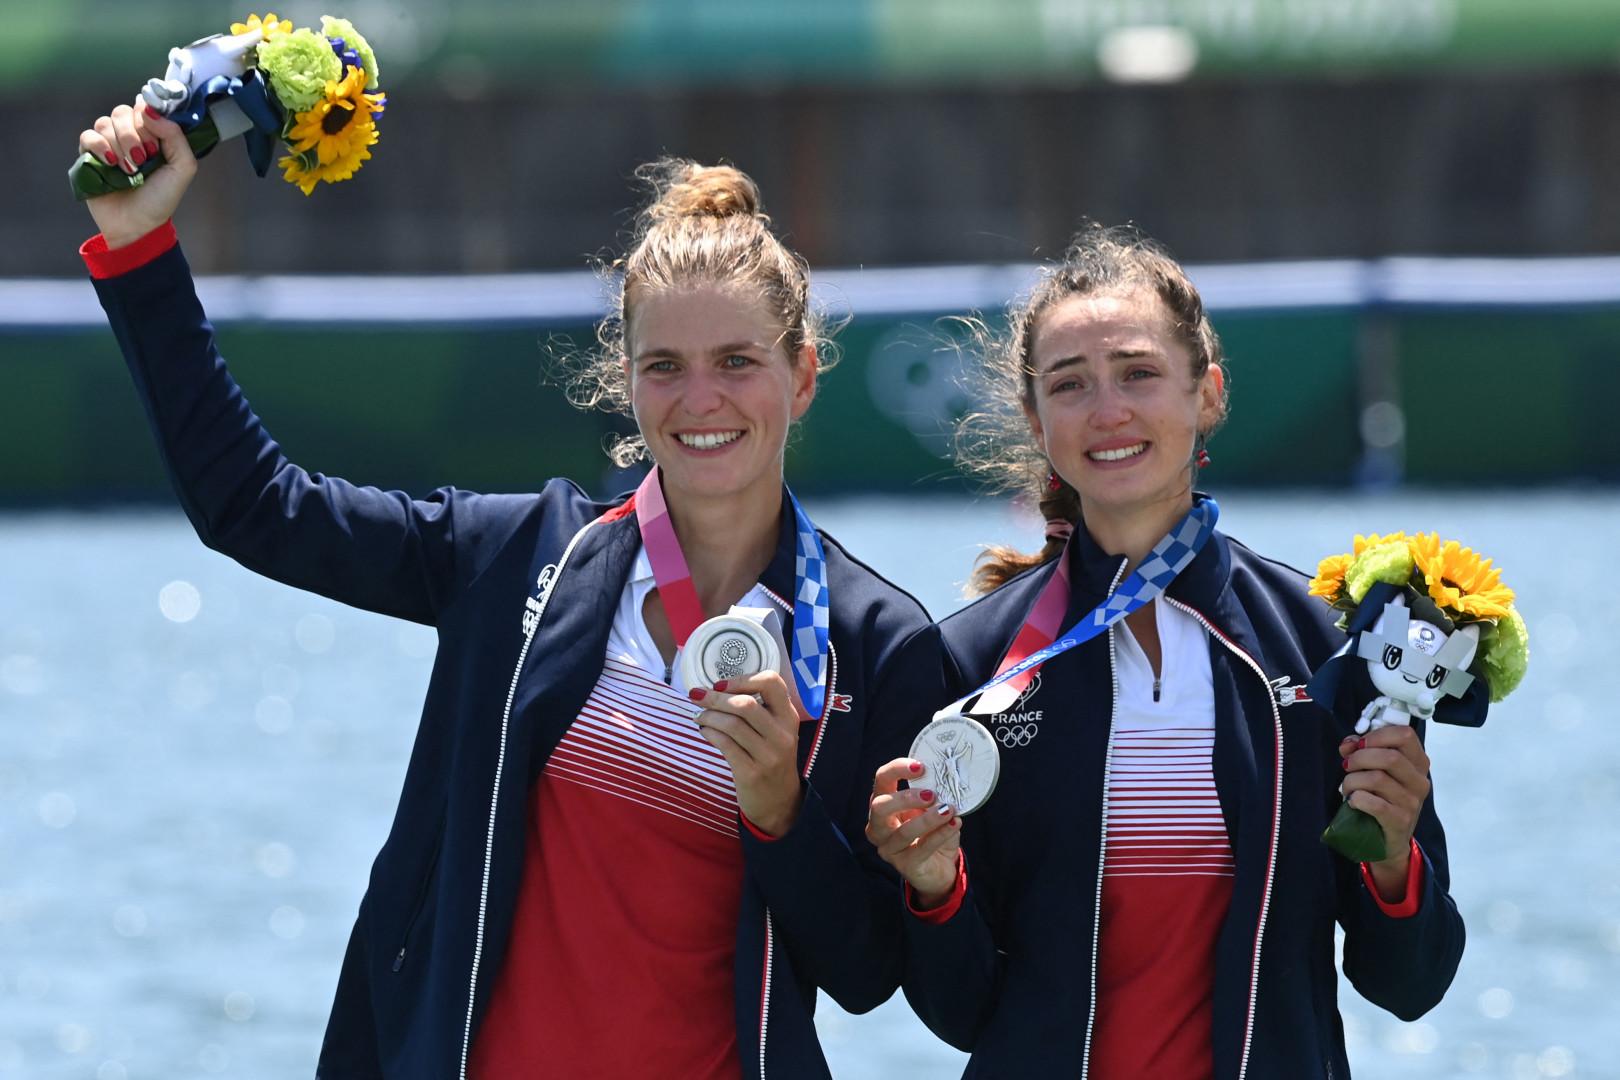 Laura Tarantola et Claire Bové sur le podium à Tokyo le 29 juillet 2021.